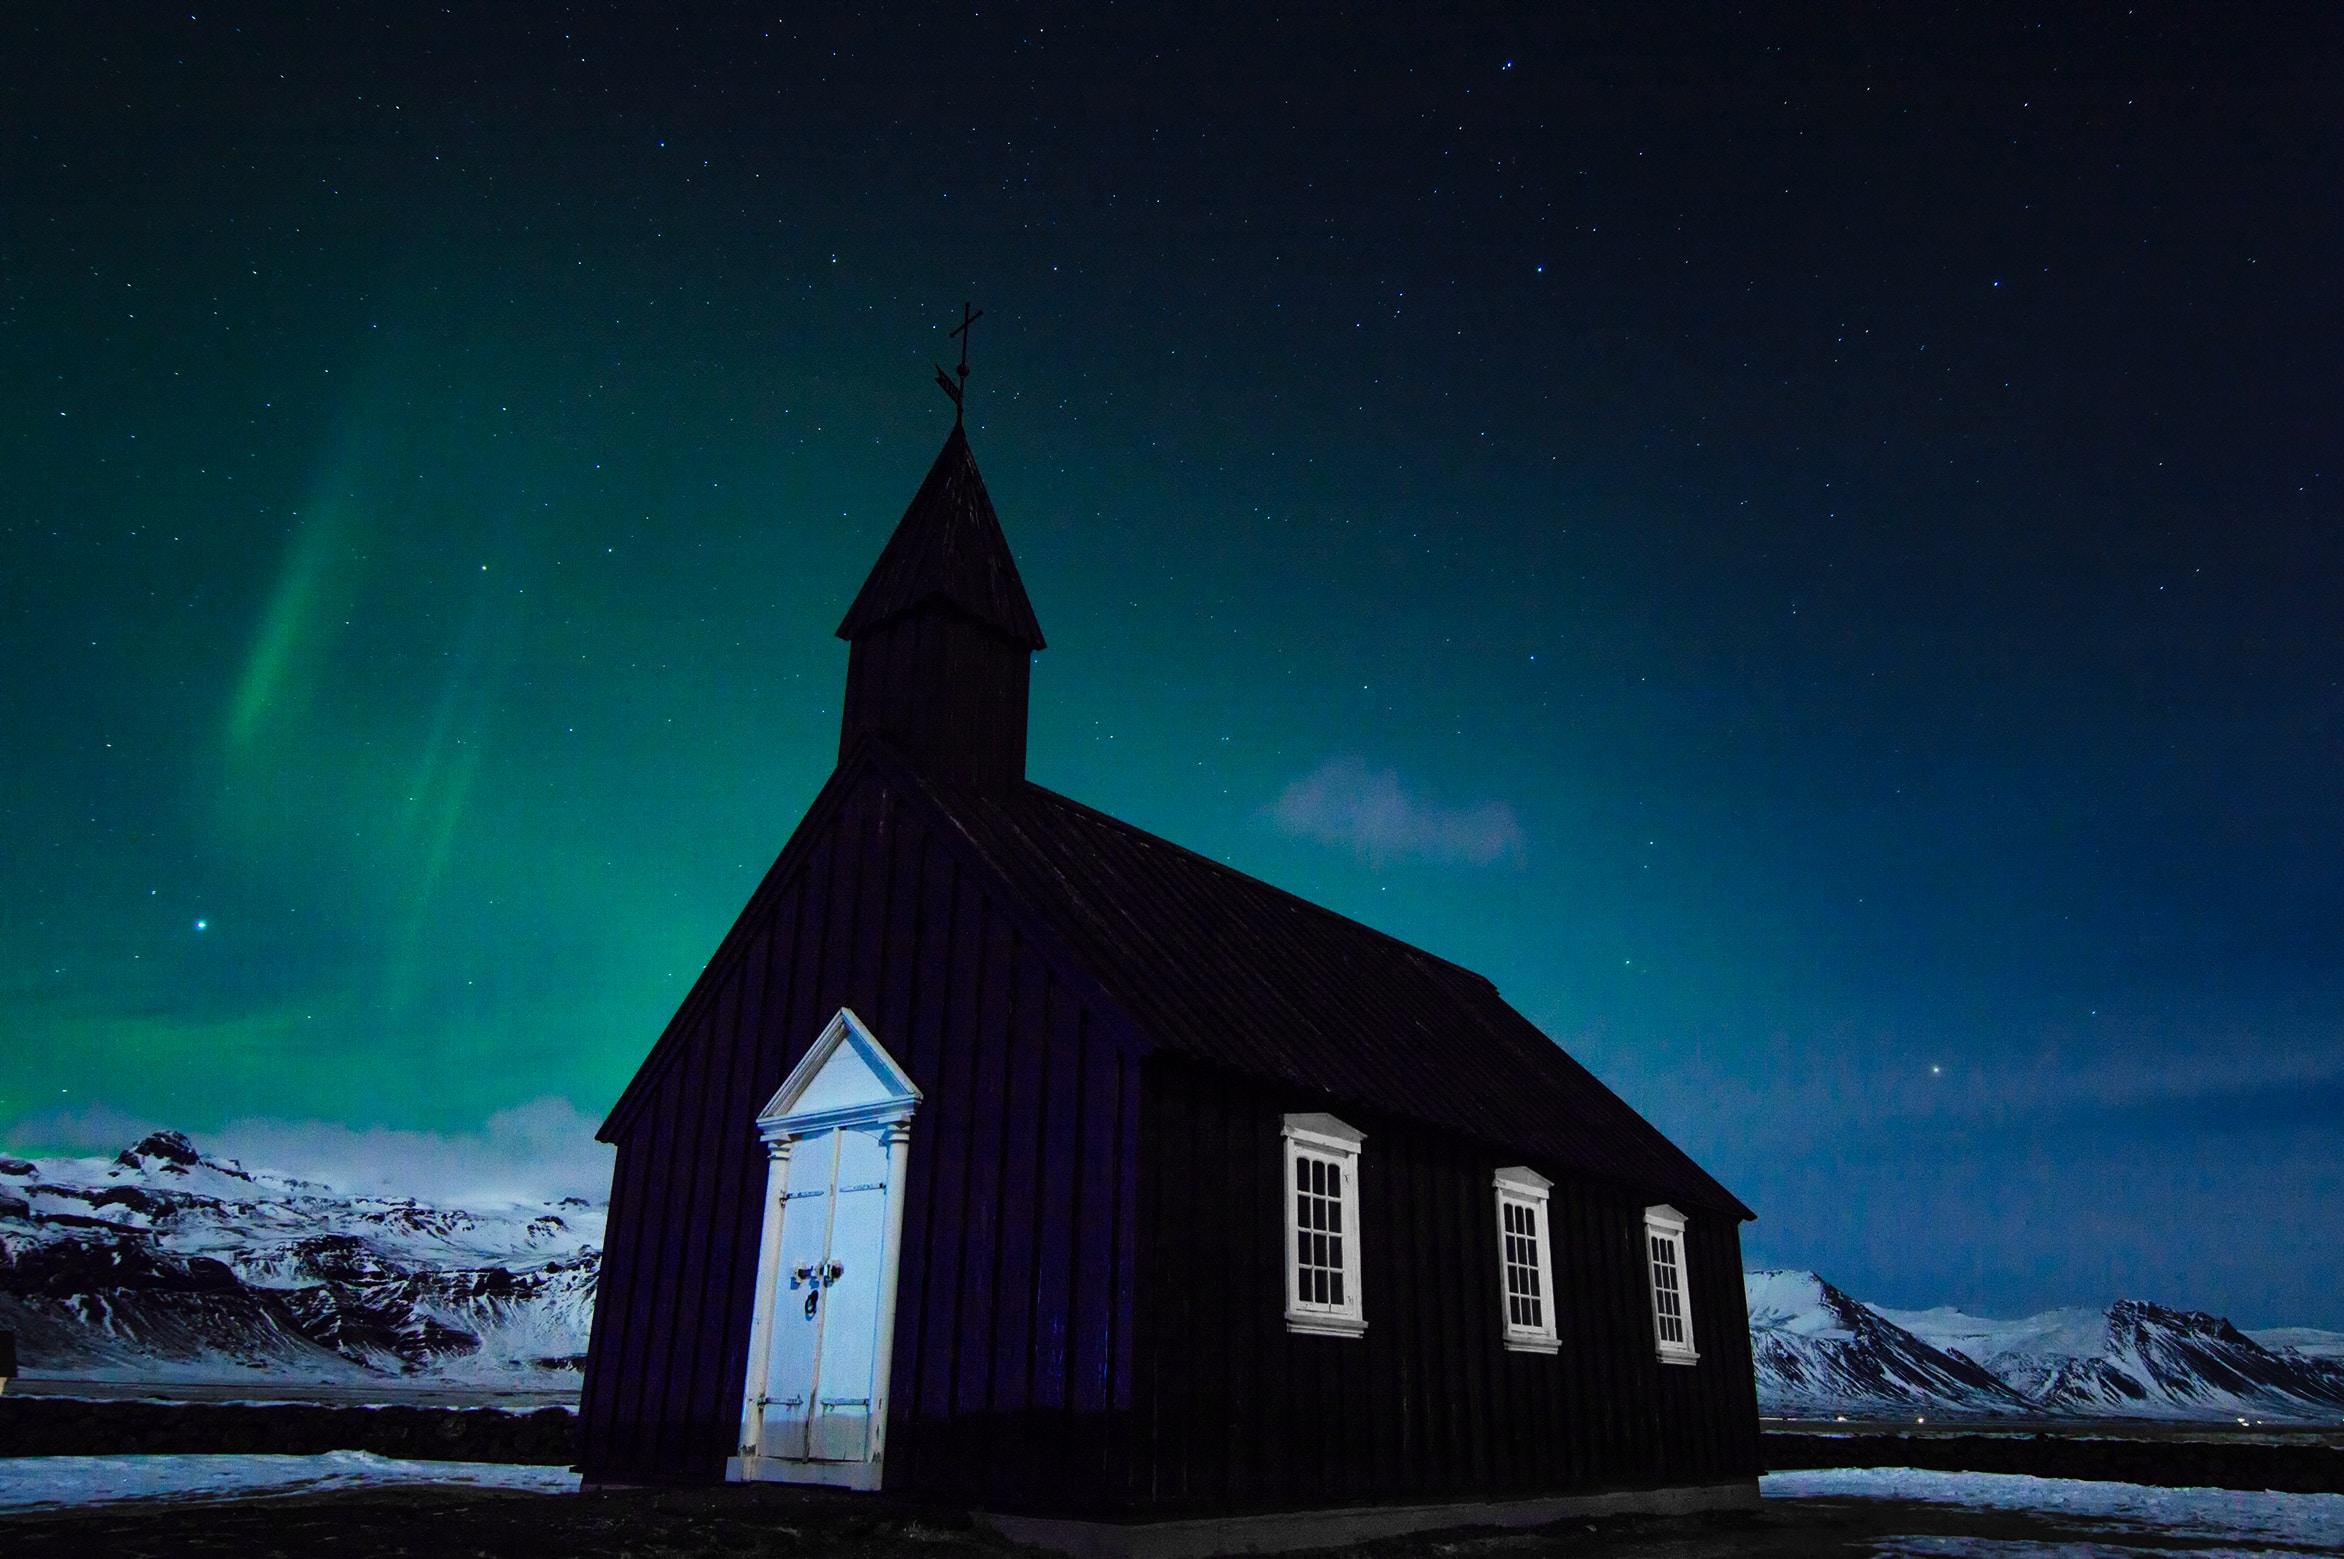 斯奈山半岛的布迪尔黑教堂是冰岛最浪漫的景点之一